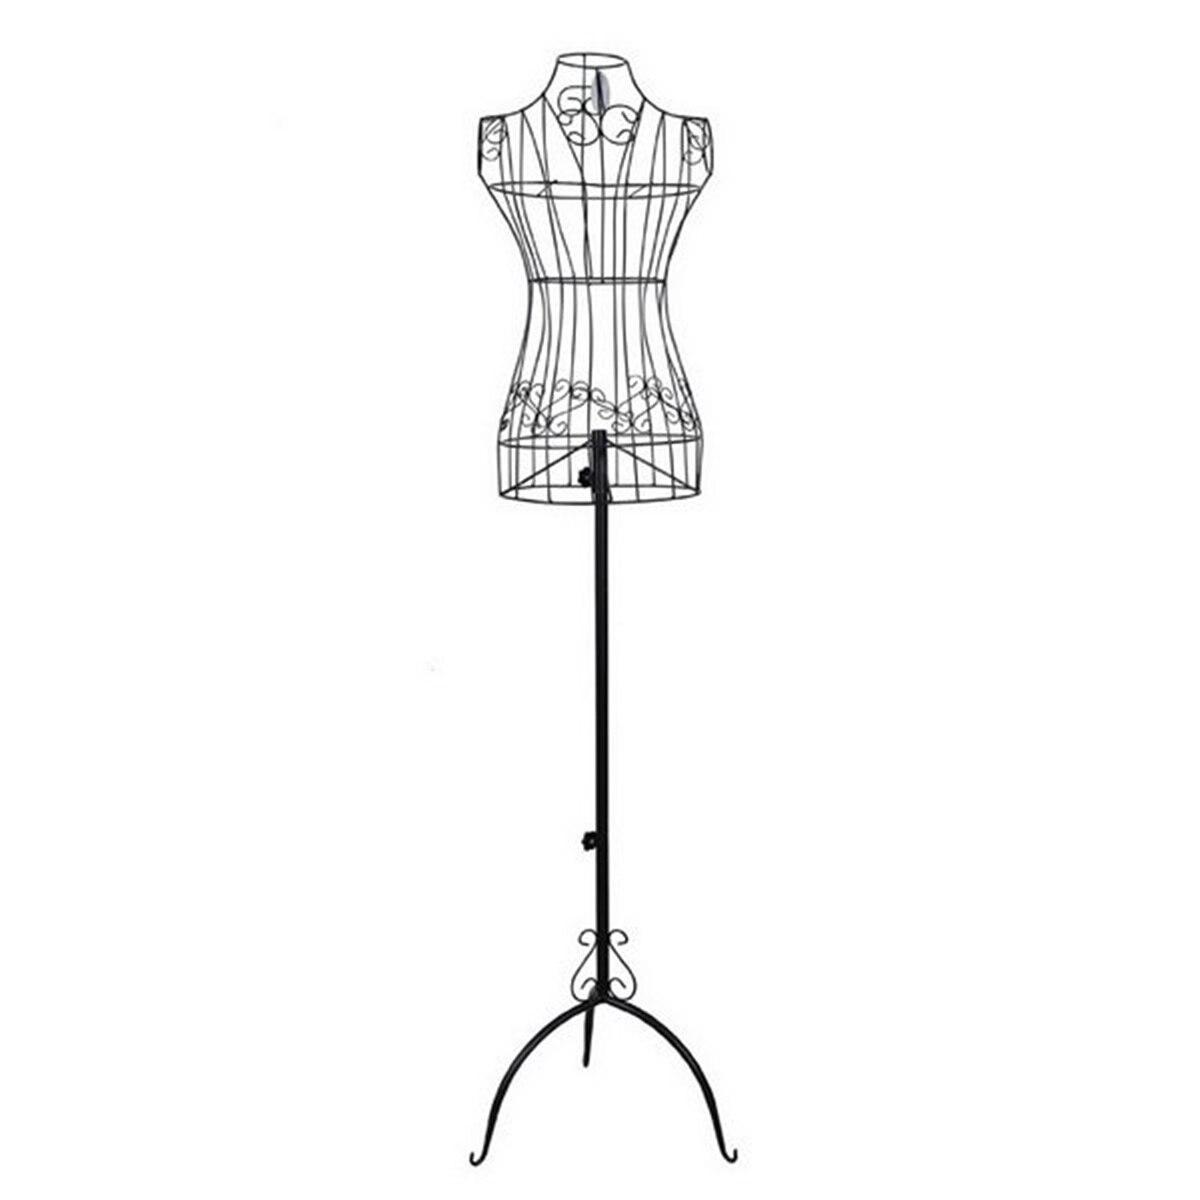 Манекены, вешалка для пальто, демонстрационная подставка для женщин, женское тело и Пол-длина, модель одежды, железная рама, модели манекена ...